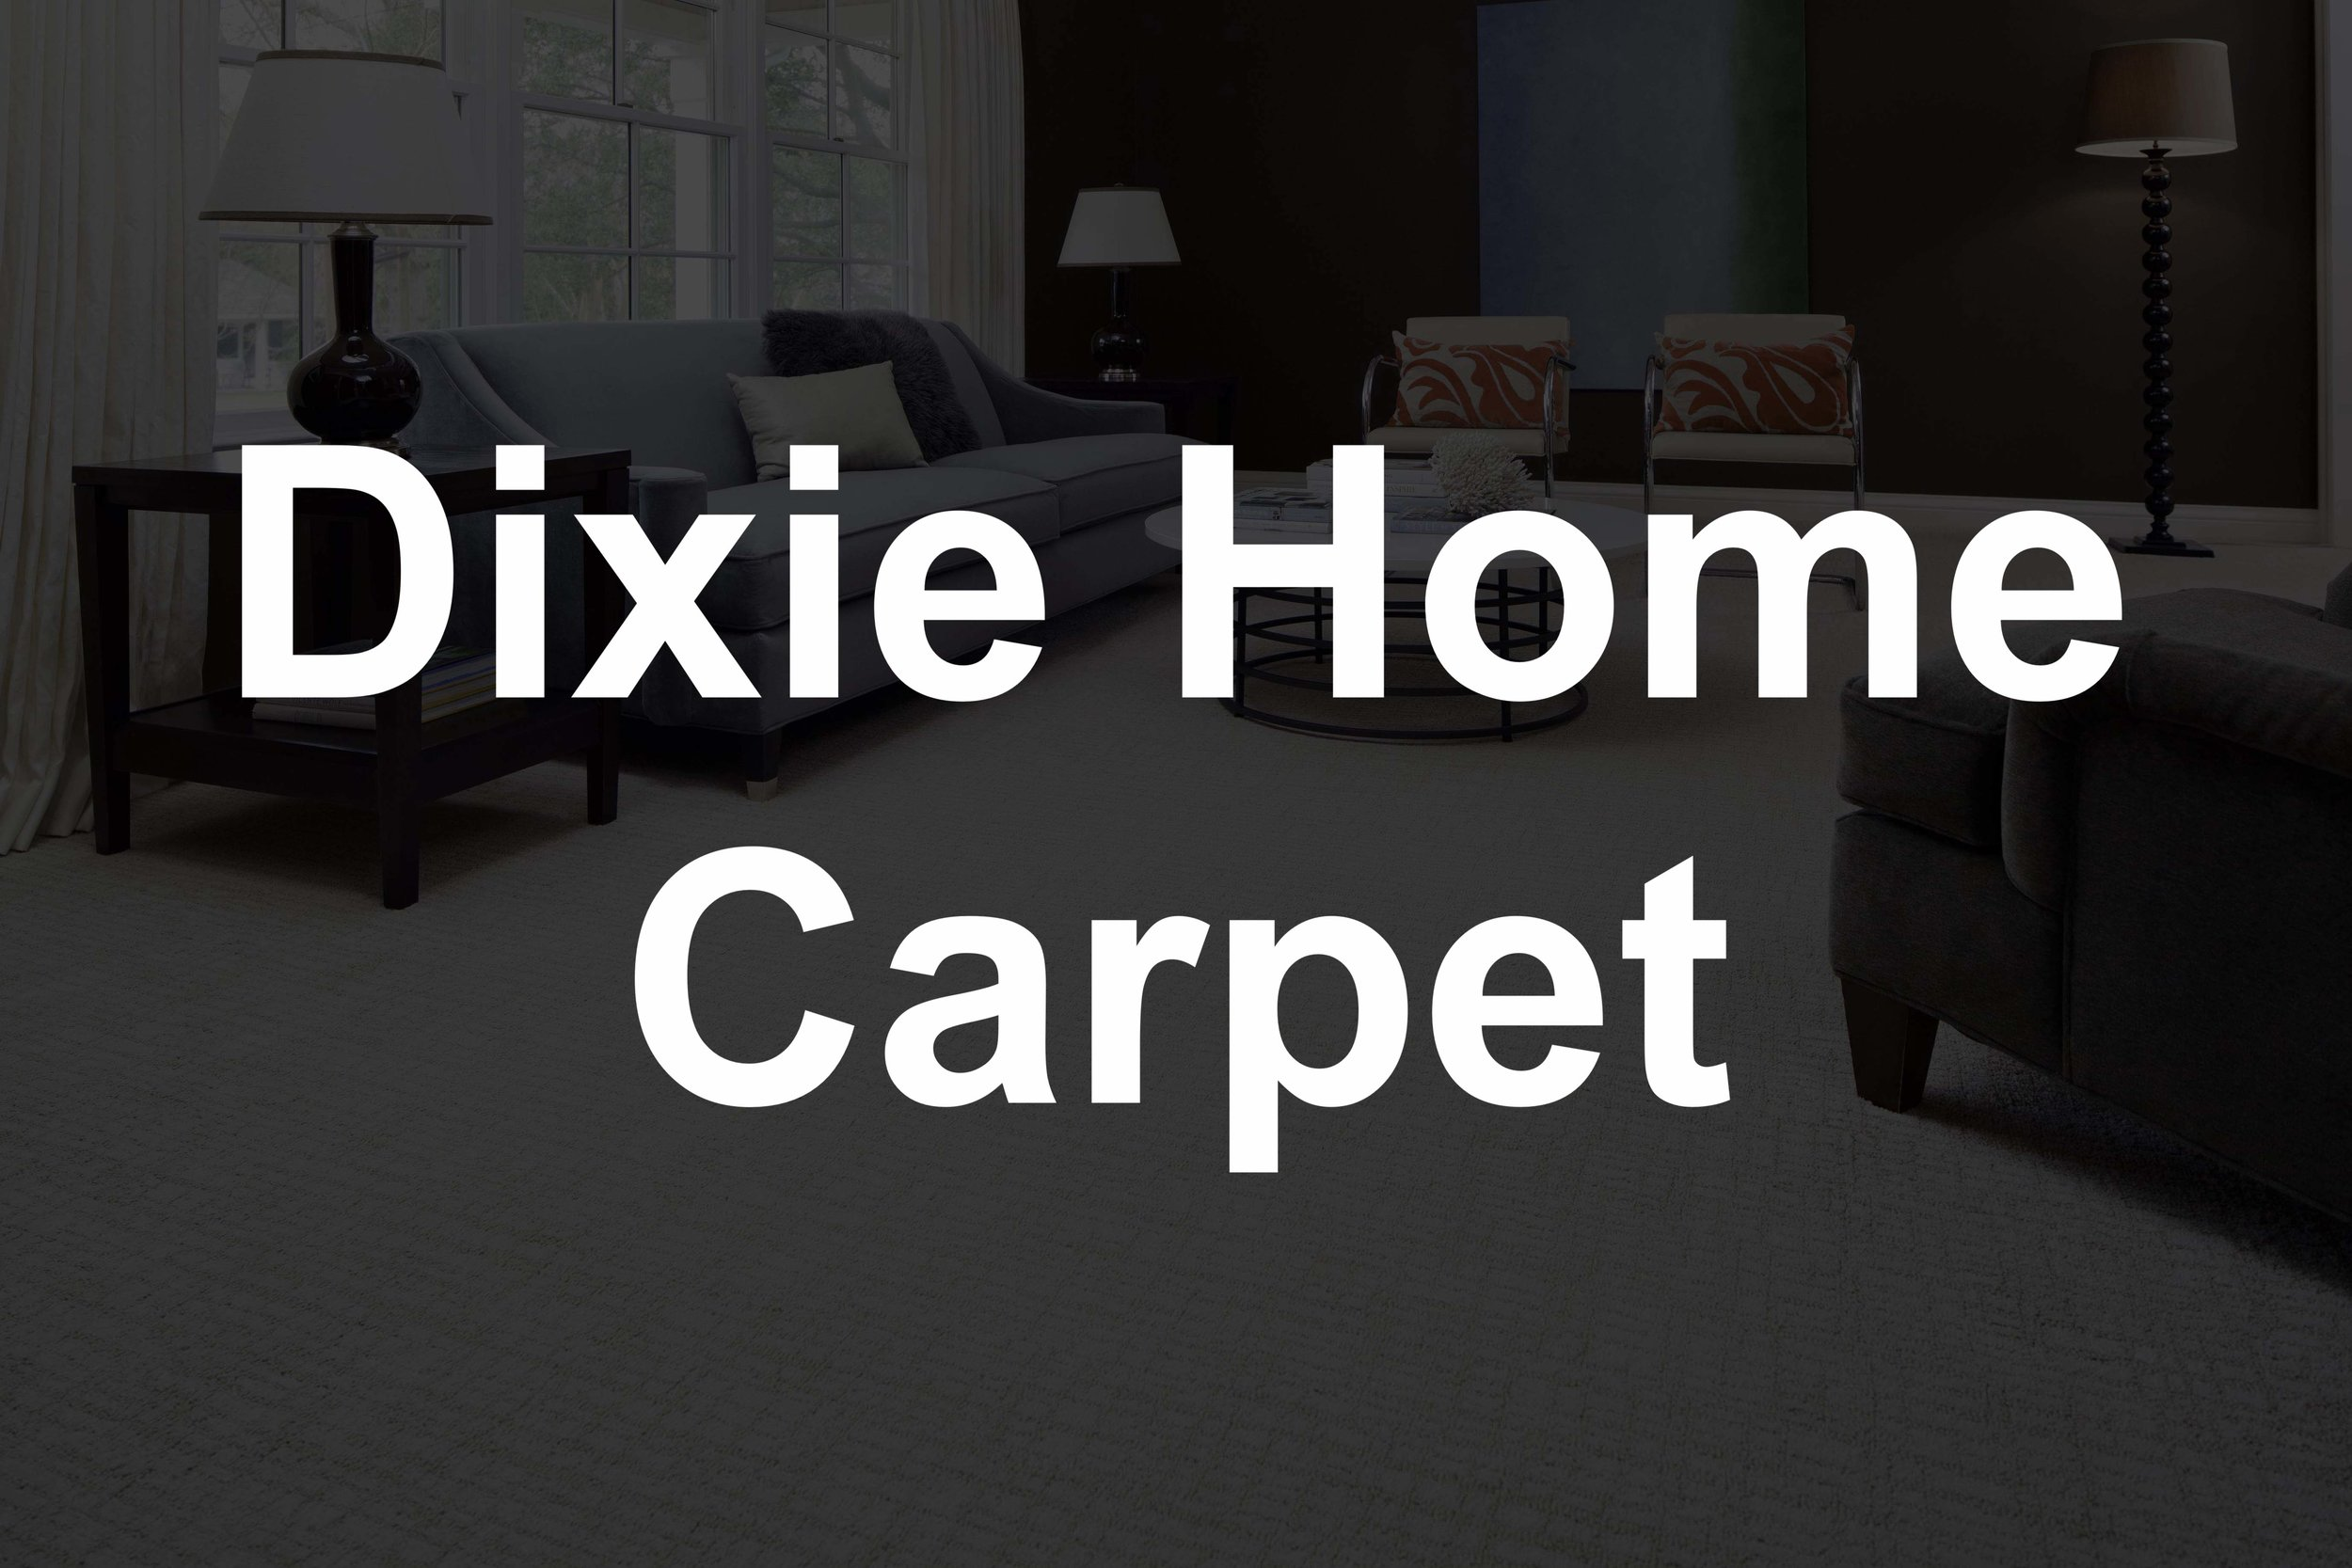 DIXIE HOME CARPET BOX.jpg